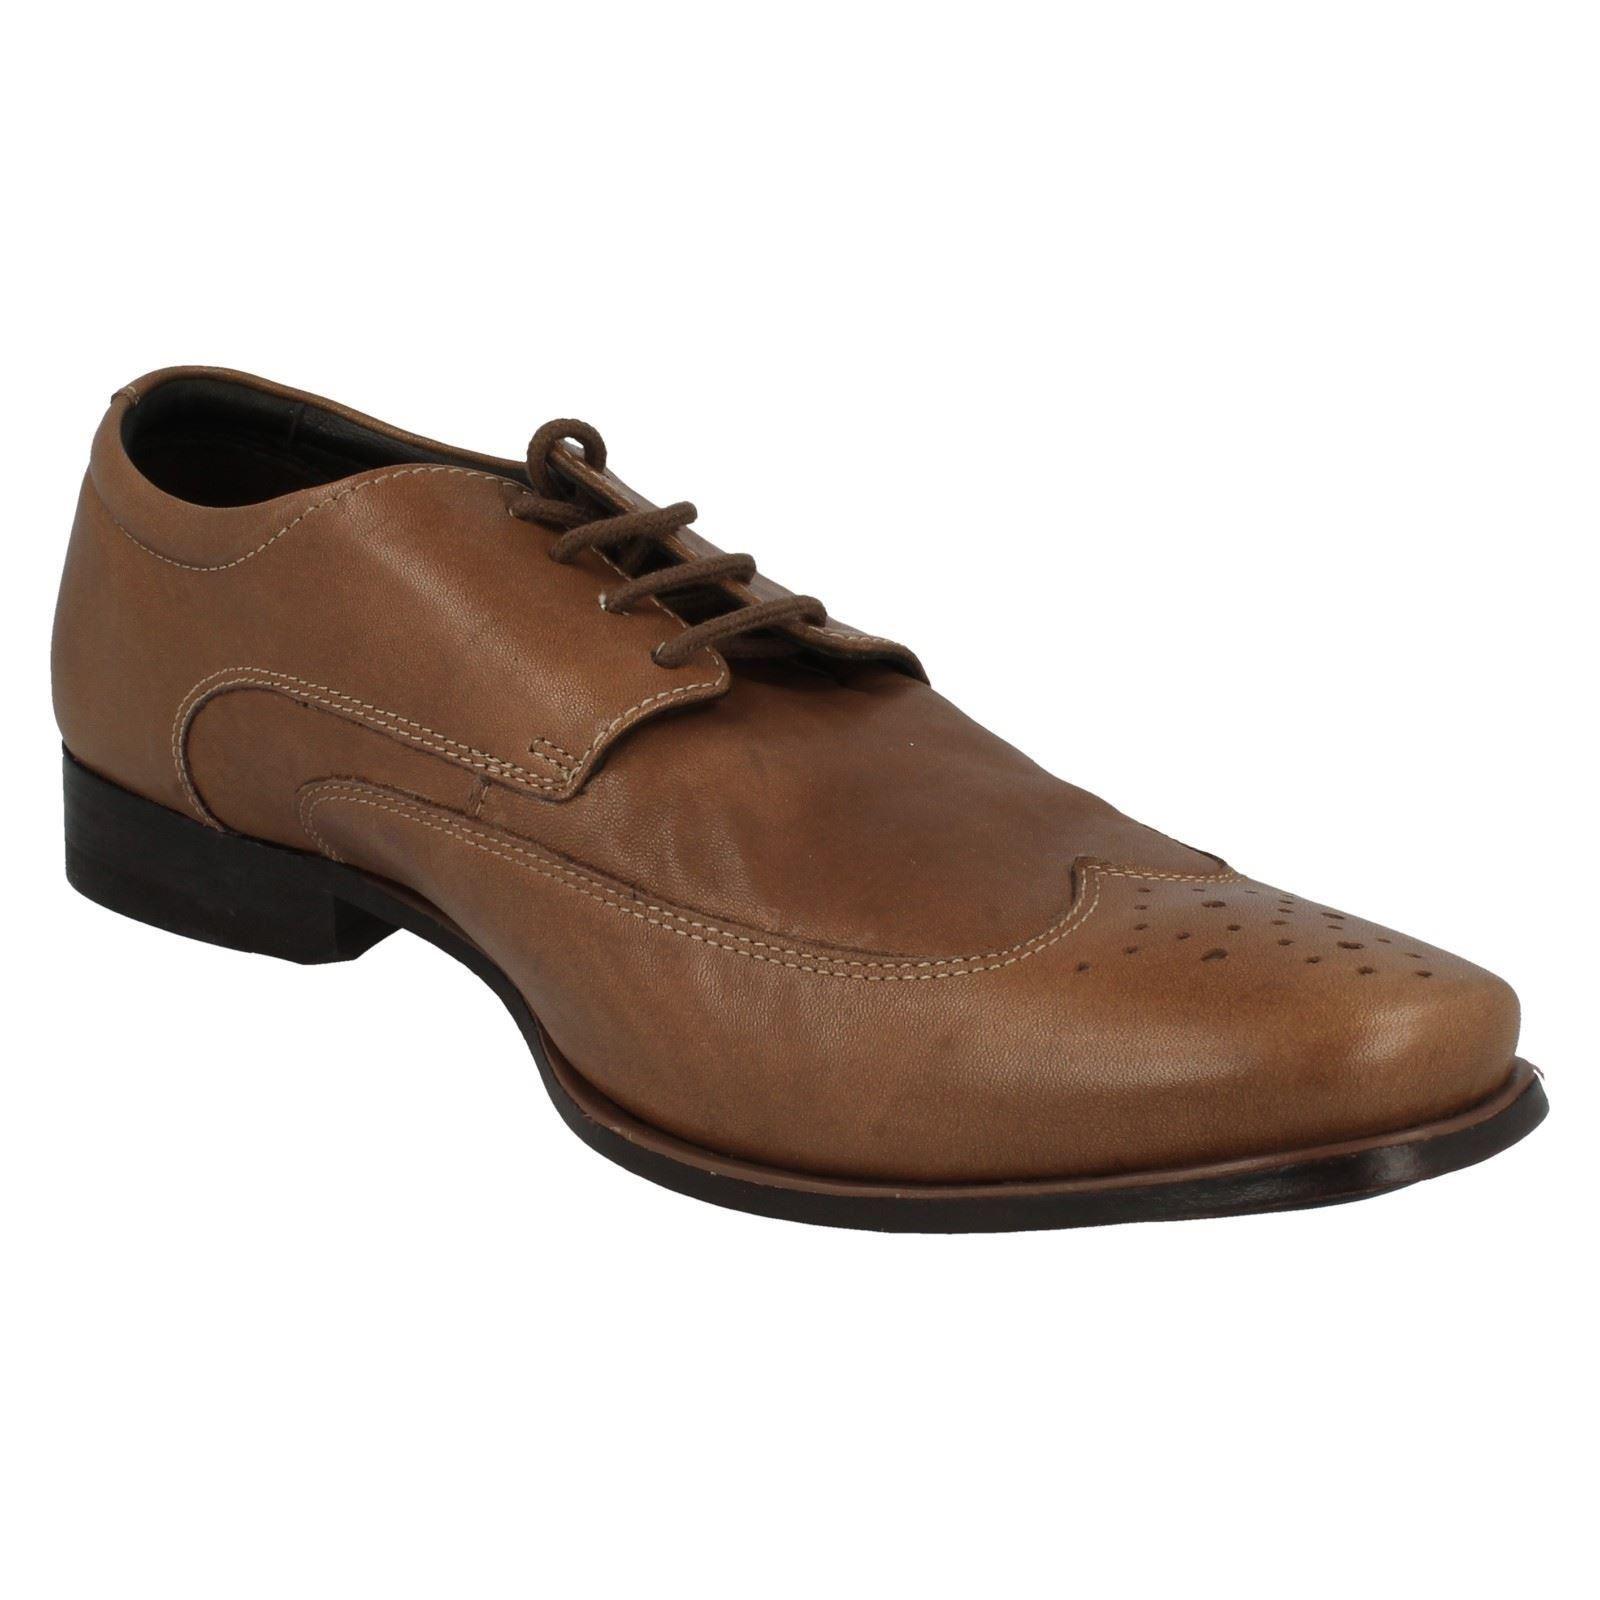 Para hombres Cuero Clarks Cordones Estilo Formal Zapatos Con Cordones Clarks De Ma Suave 605e83